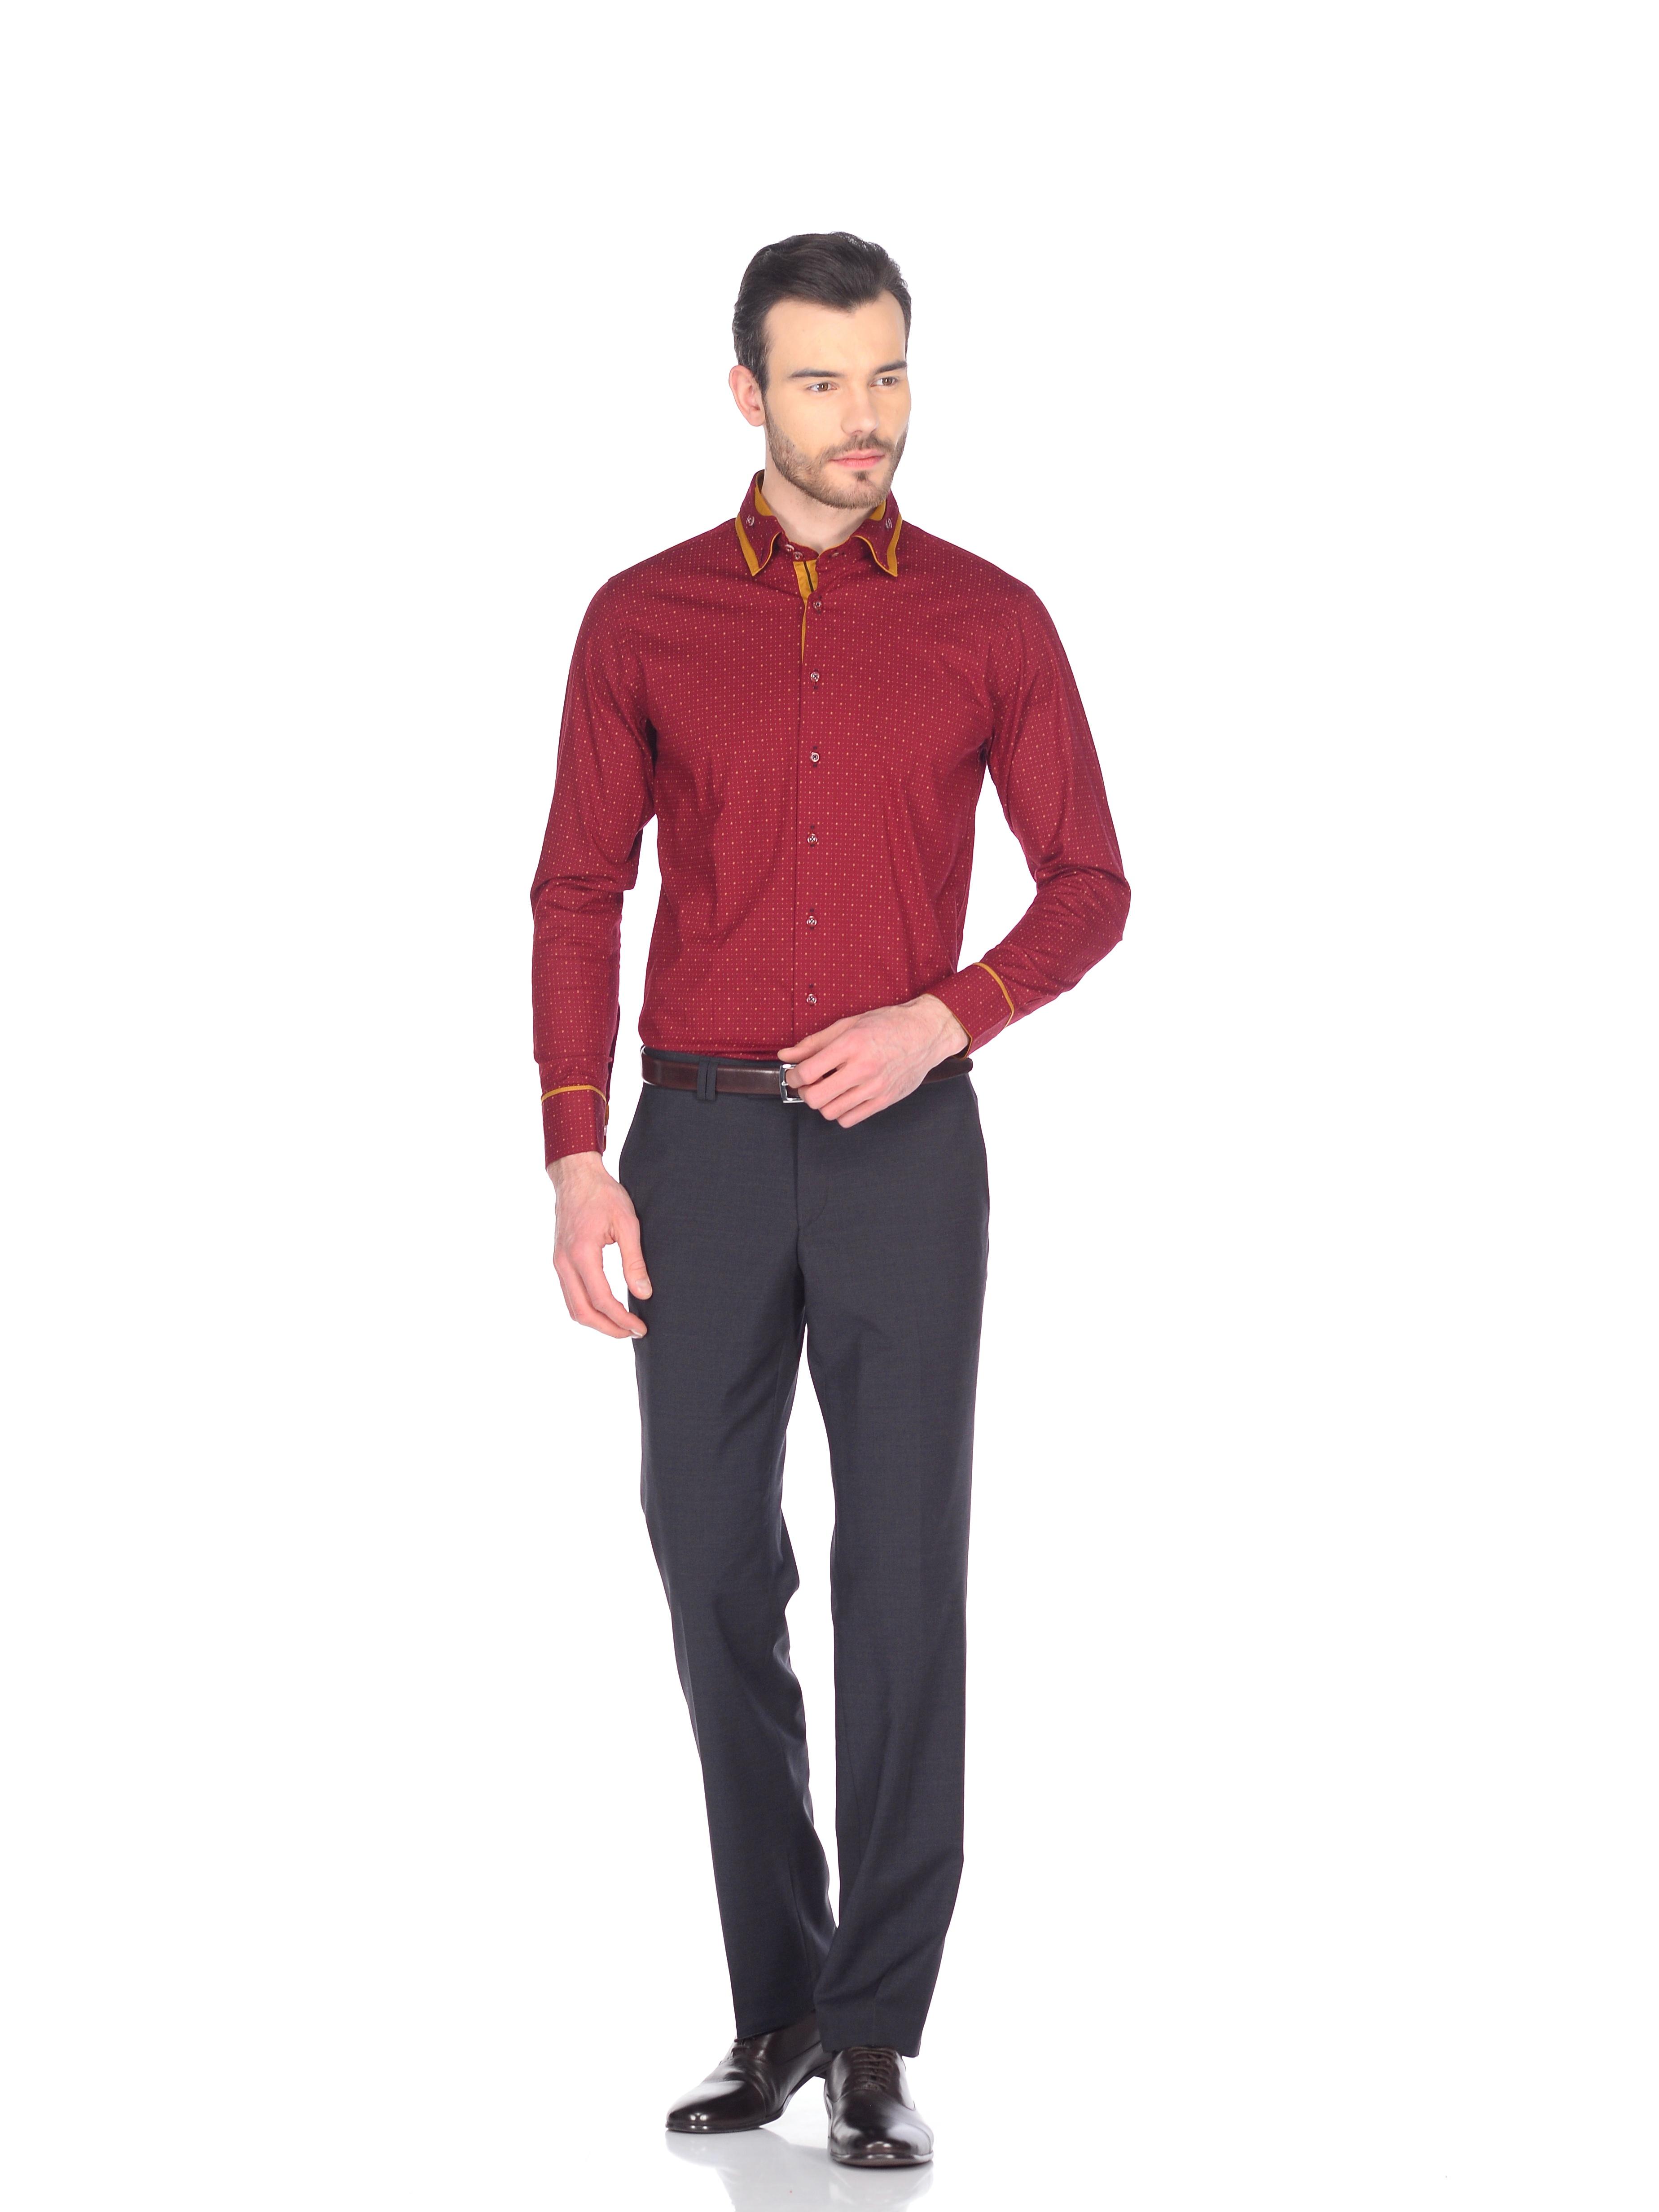 Приталенные рубашки: как и с чем носить?